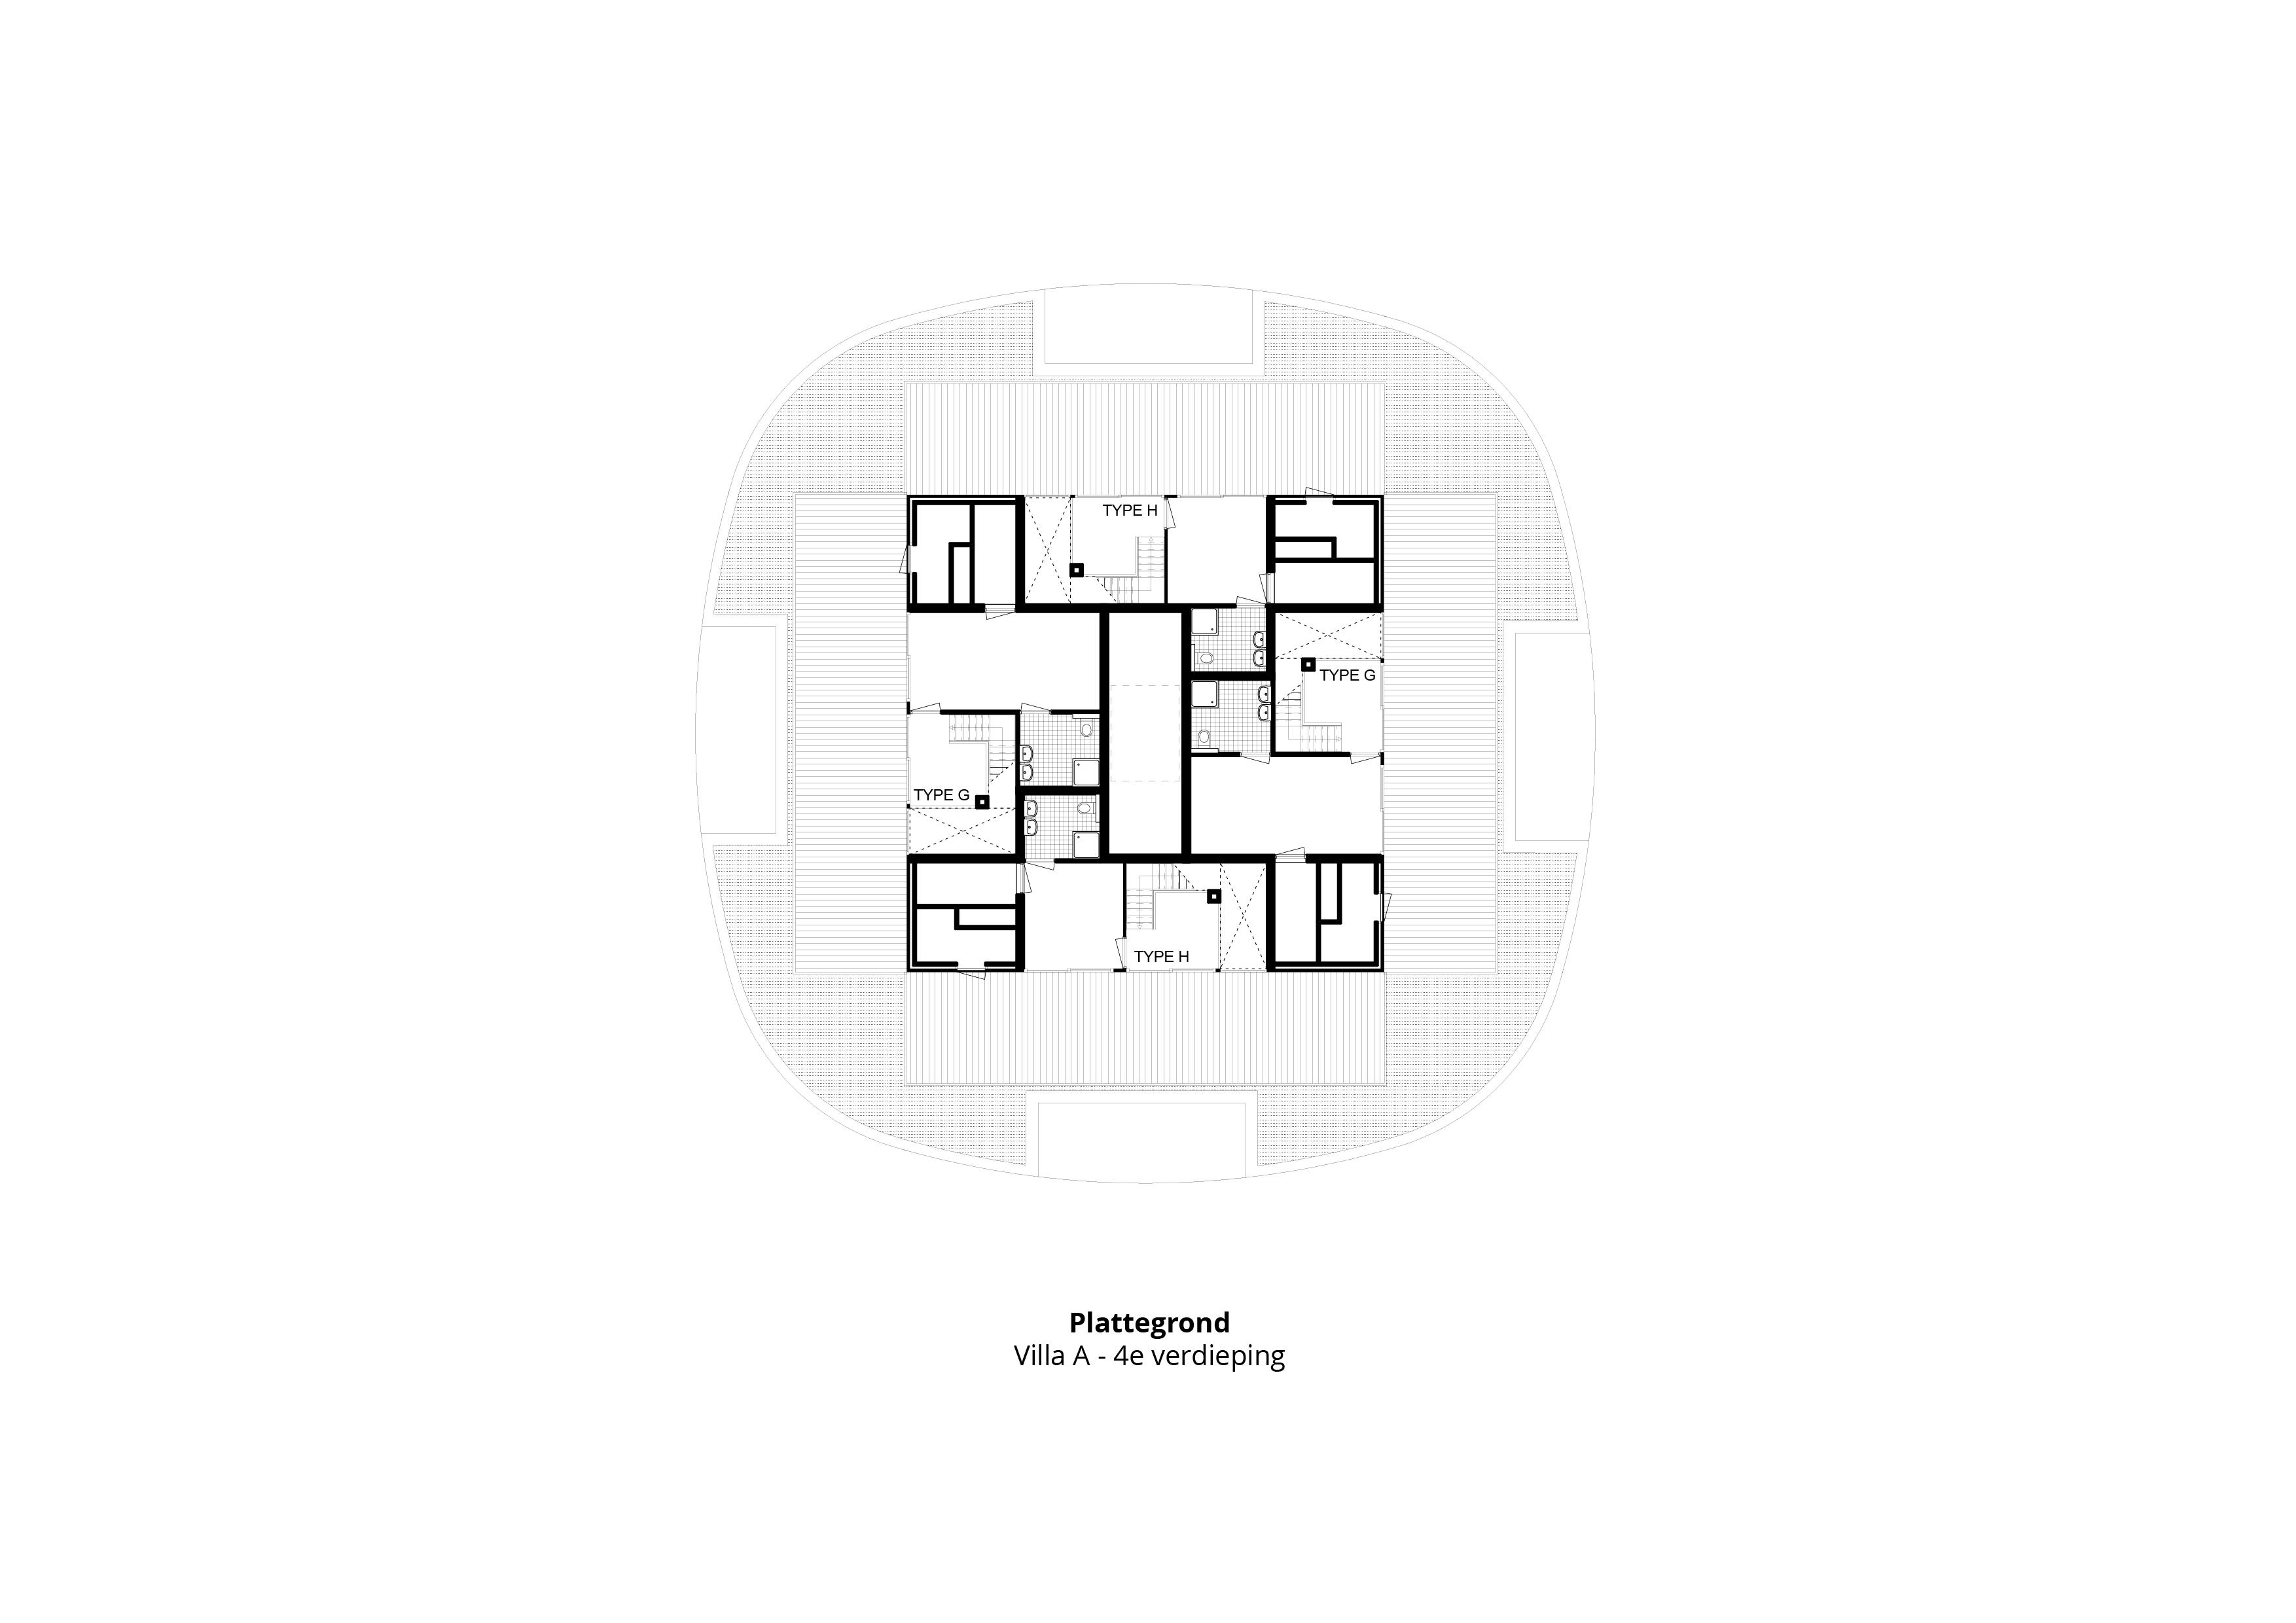 Laanvilla's Noordwijkerduin – Plattegrond